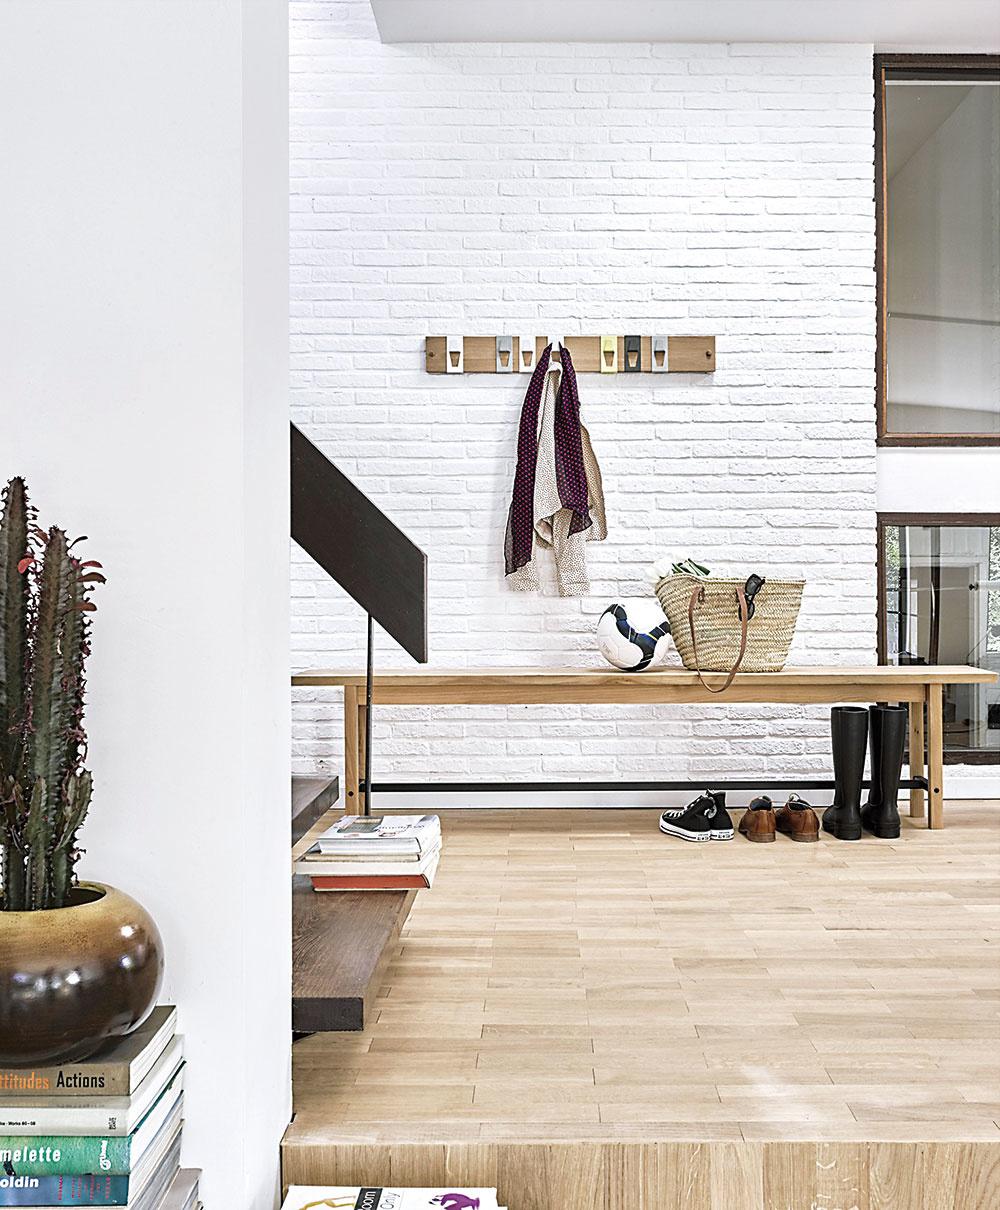 Pri obúvaní mnohí isto ocenia praktické lavice, ktoré môžu využiť viacerí naraz. Výhoda je, že úložná plocha vzniká nielen pod nimi, ale aj priamo na nich. Lavicu od značky Universo Positivo kúpite na www.einrichten-design.com.